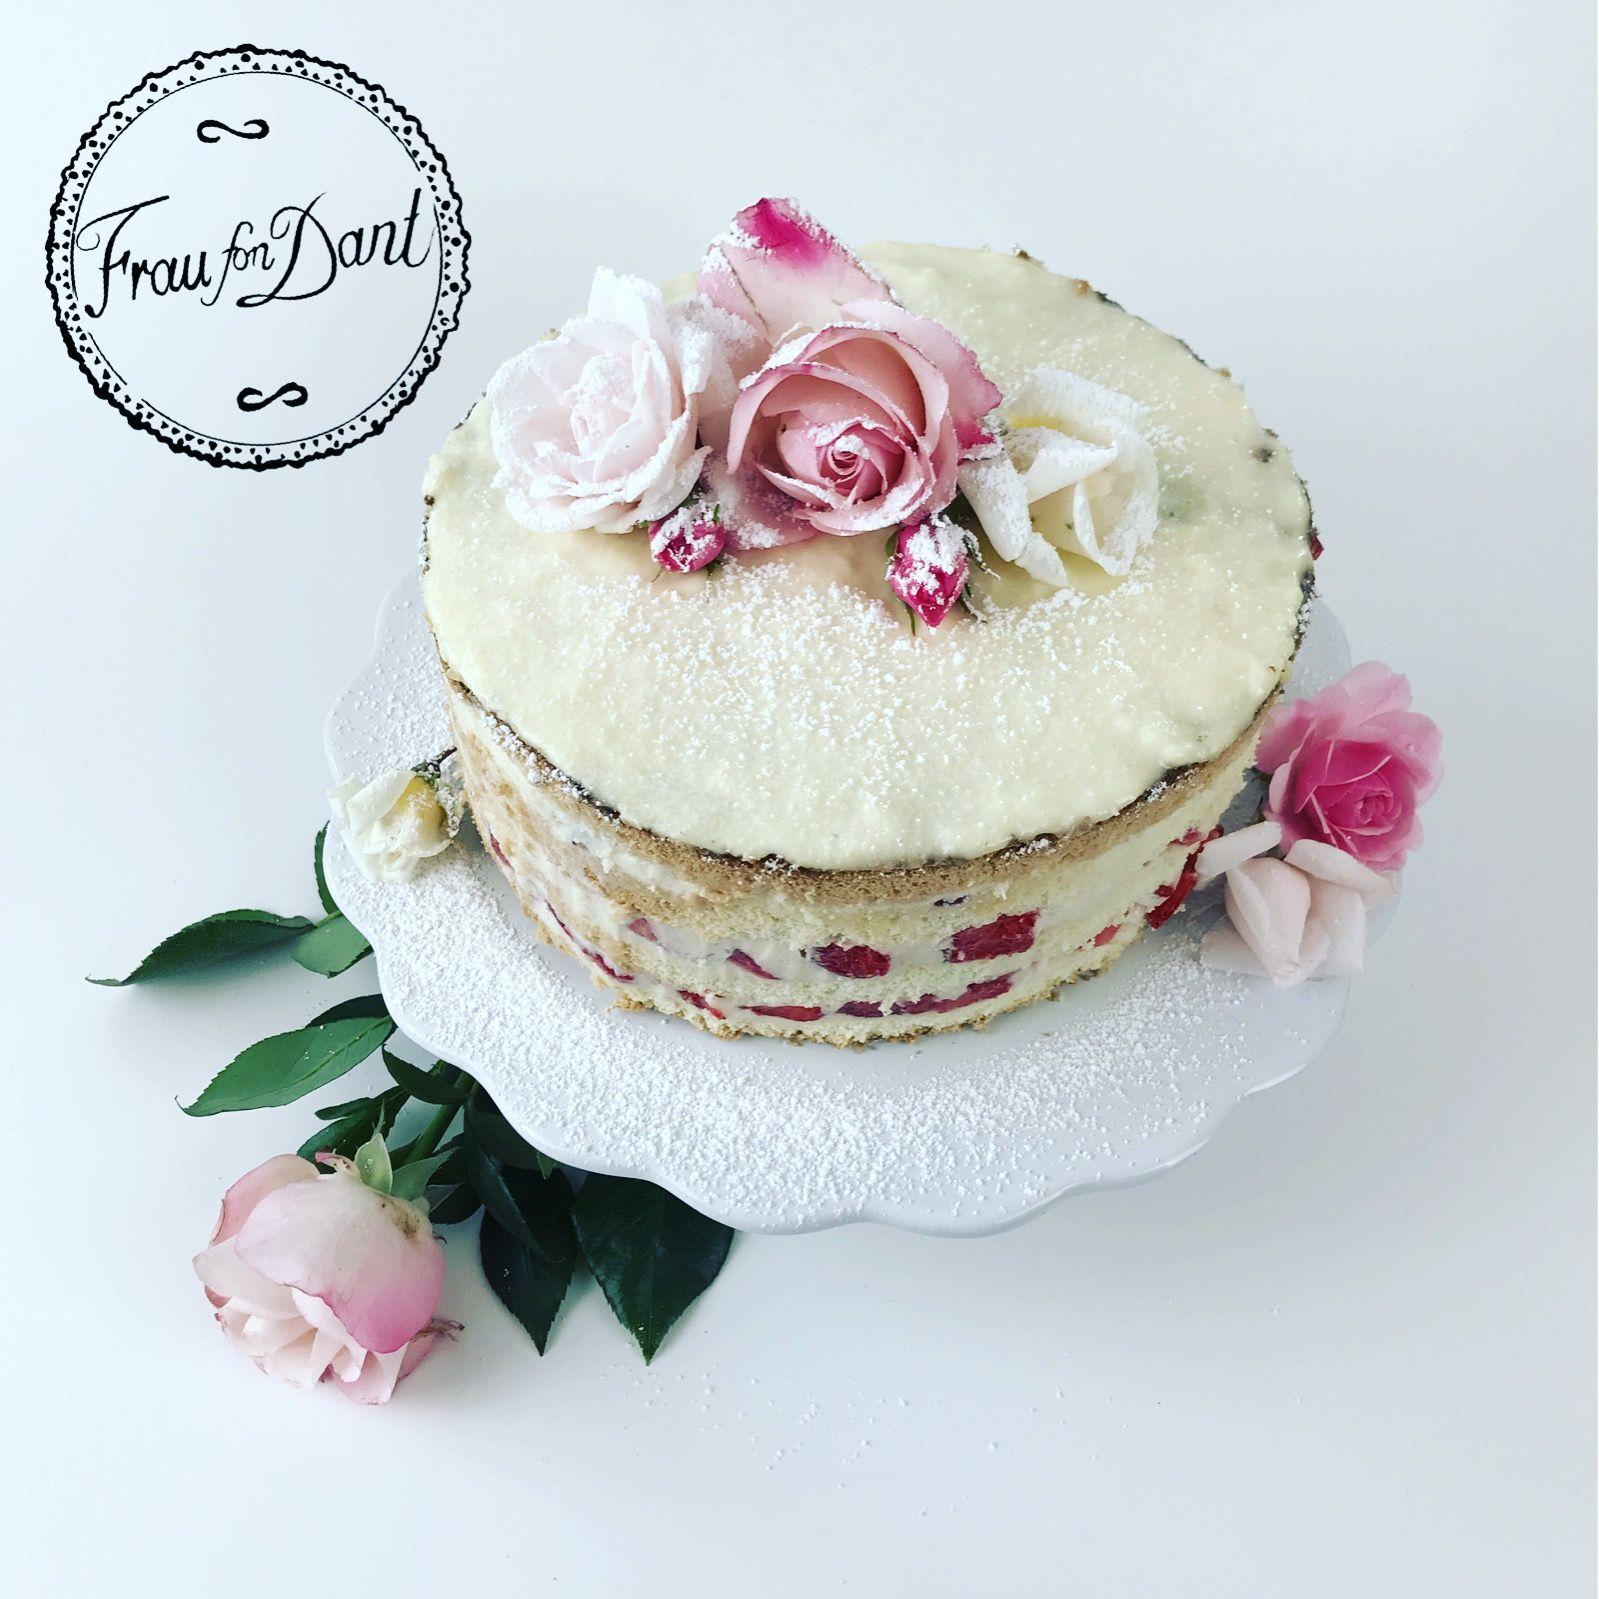 Weiße Schokolade Erdbeer Torte – Frau fon Dant